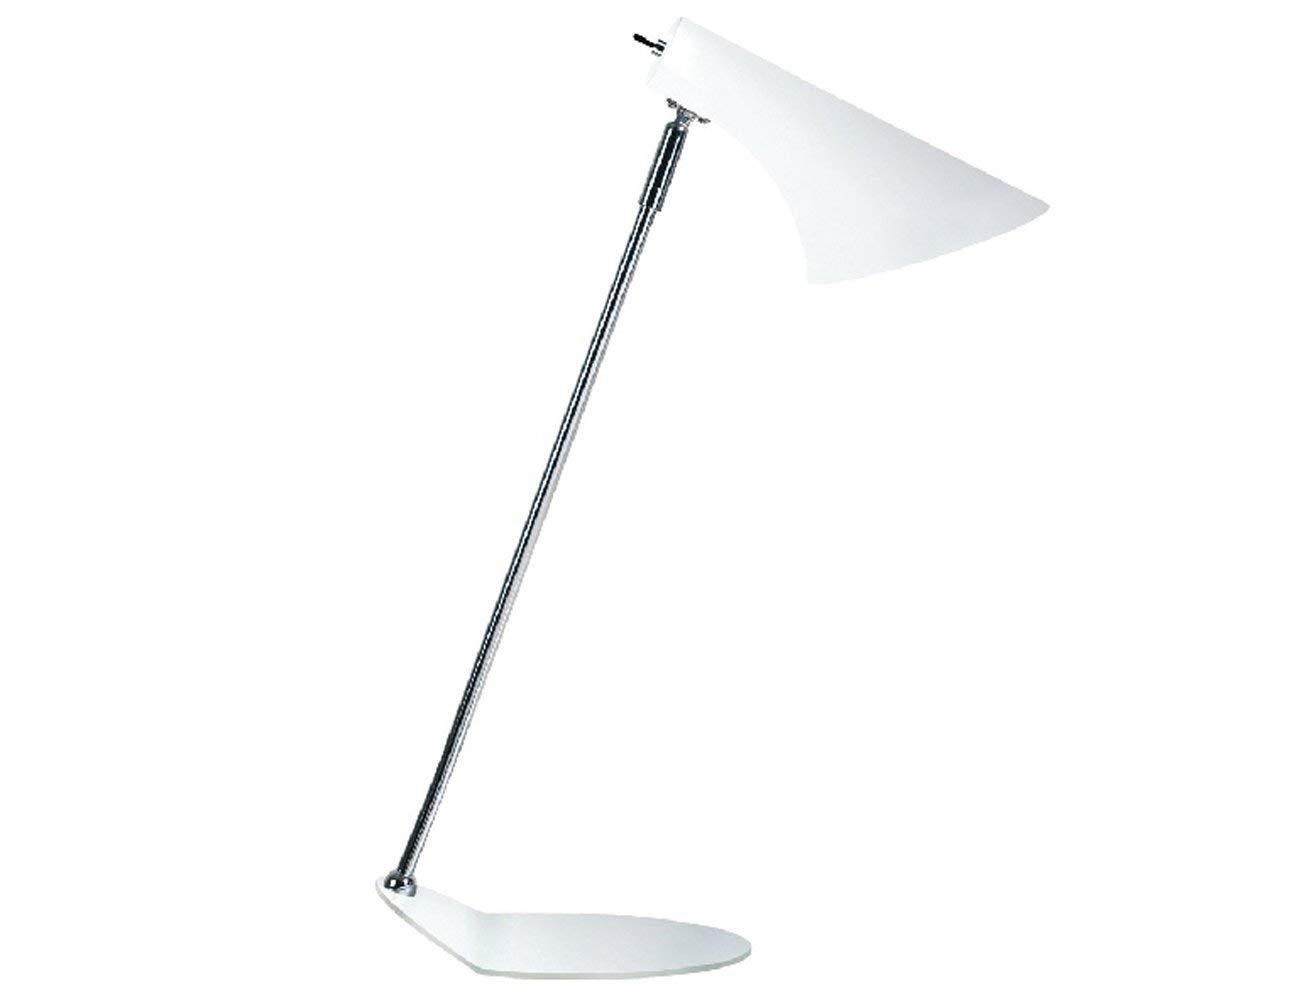 Nordlux Tischleuchte, Metall, E14, 40 W, weiß, 13 x 0 x 45 cm